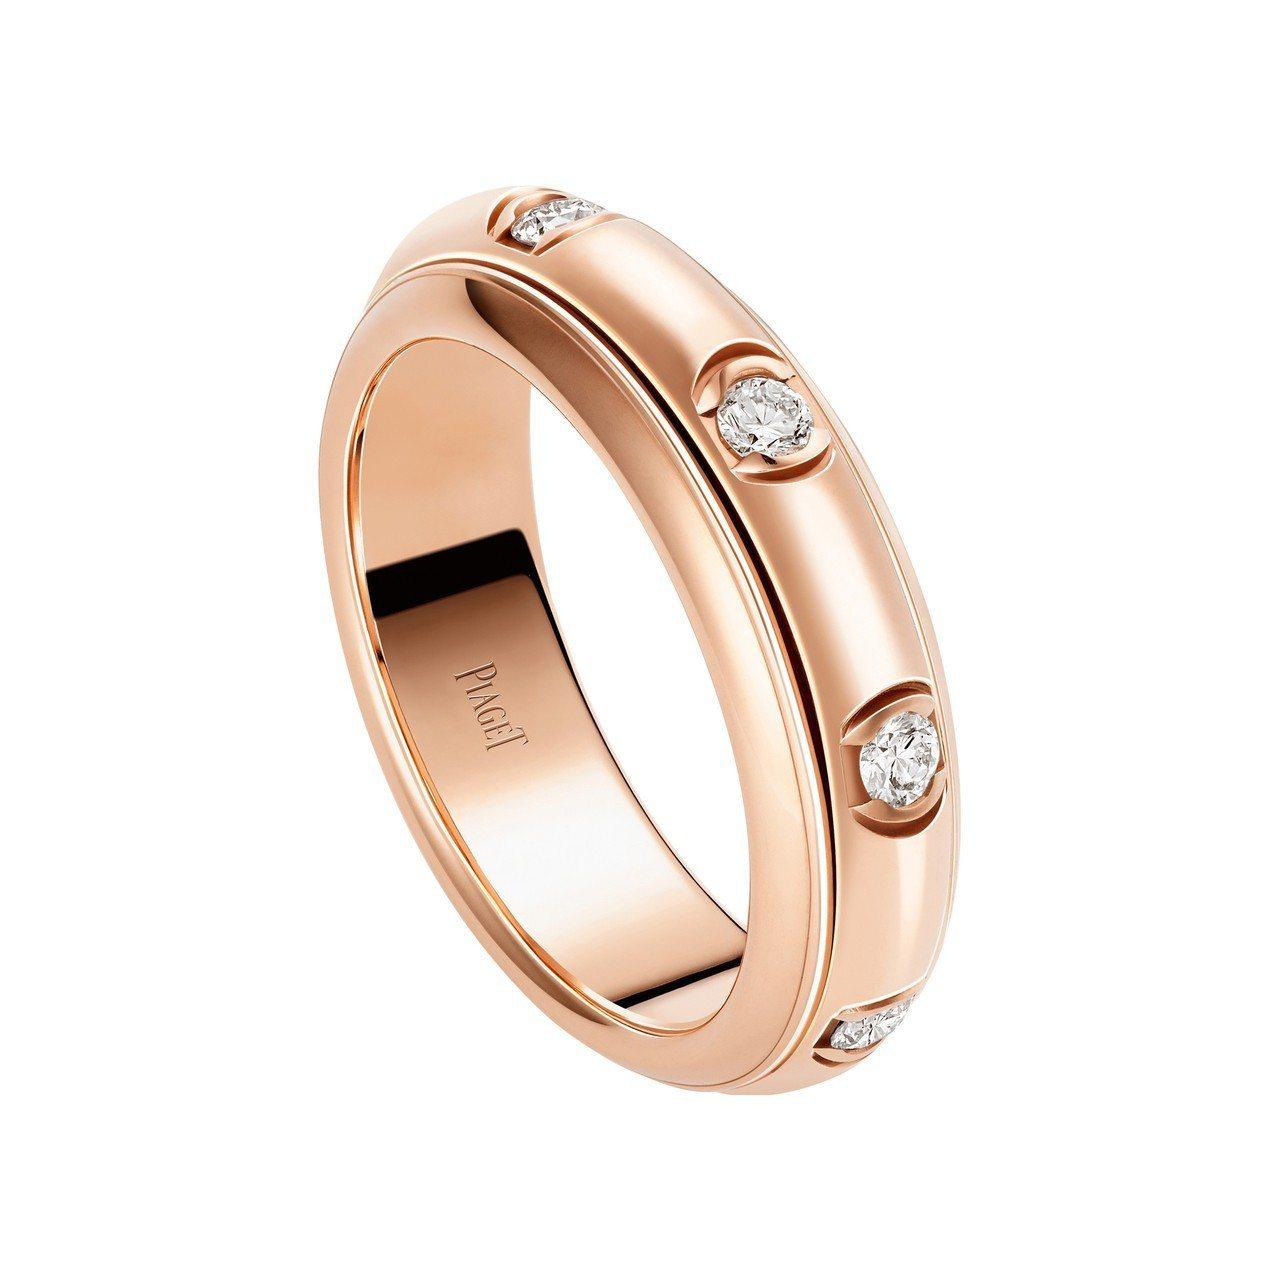 PIAGET Possession系列18K玫瑰金鋪鑽石指環,10萬5,000元...